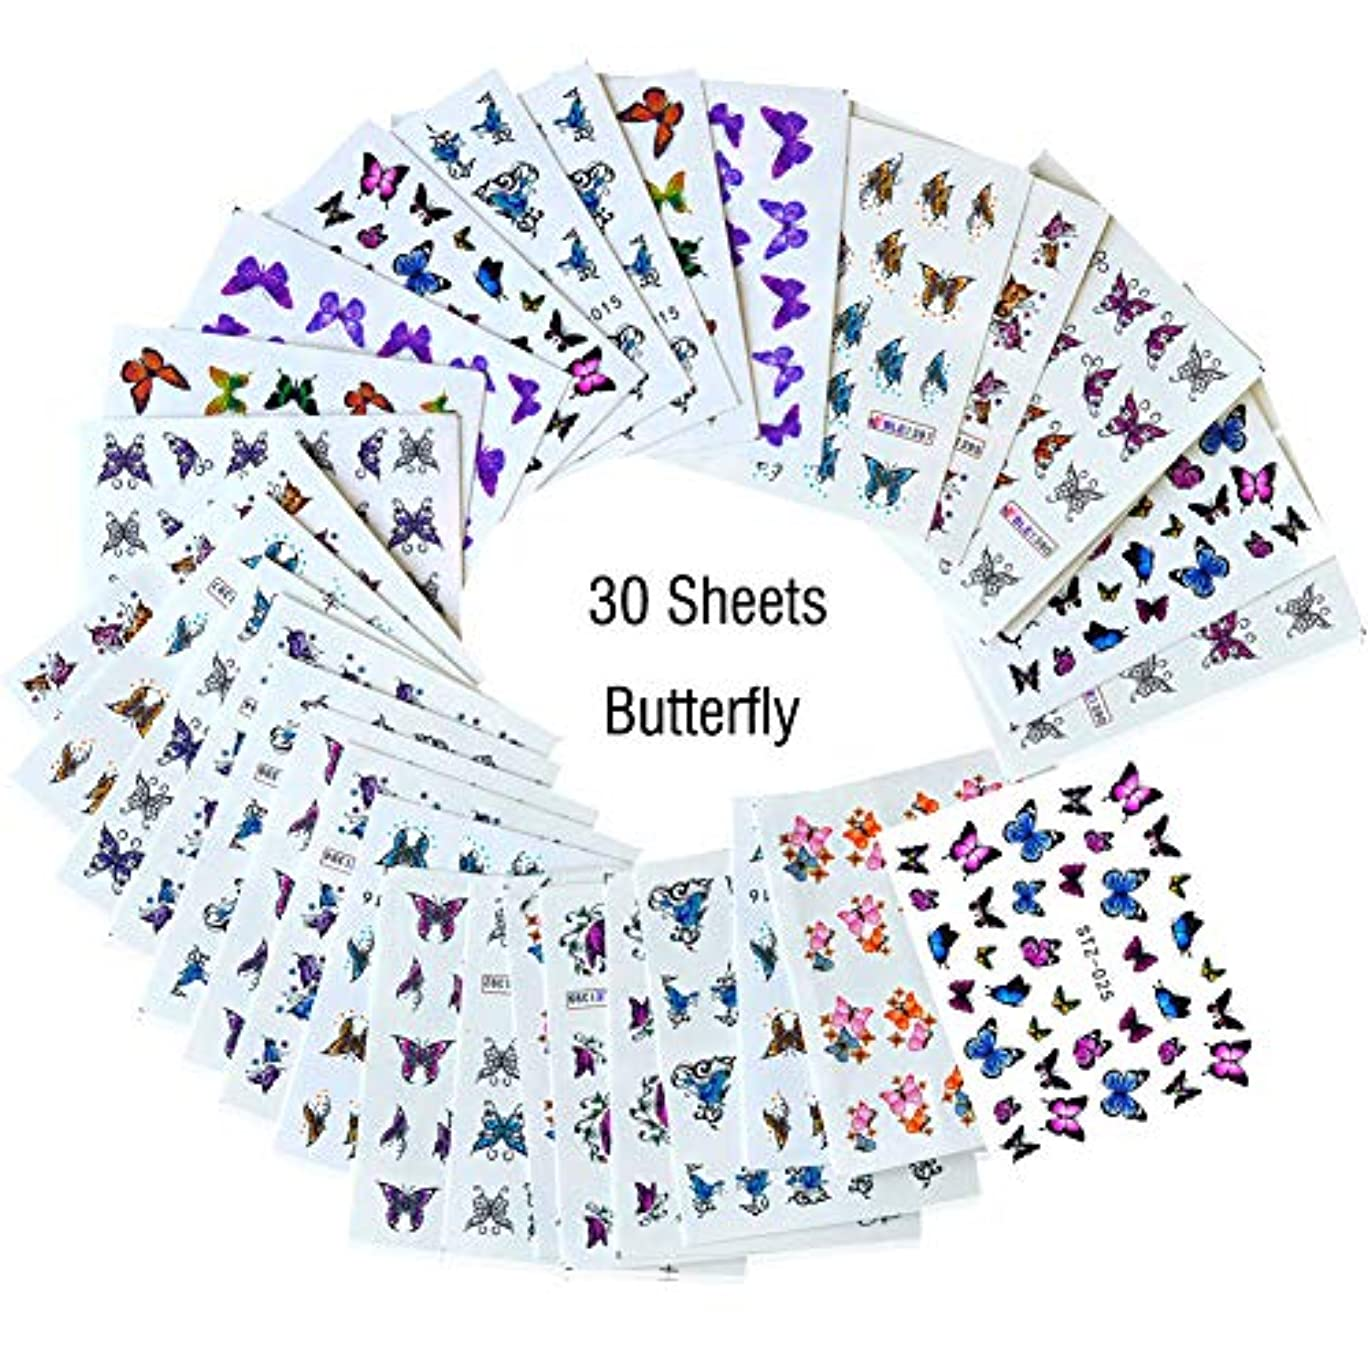 支配的ウェブびっくりするLookathot 30枚ネイルアートステッカーデカール蝶デザインパターン水スカイスター箔紙印刷転写diy装飾ツールアクセサリー